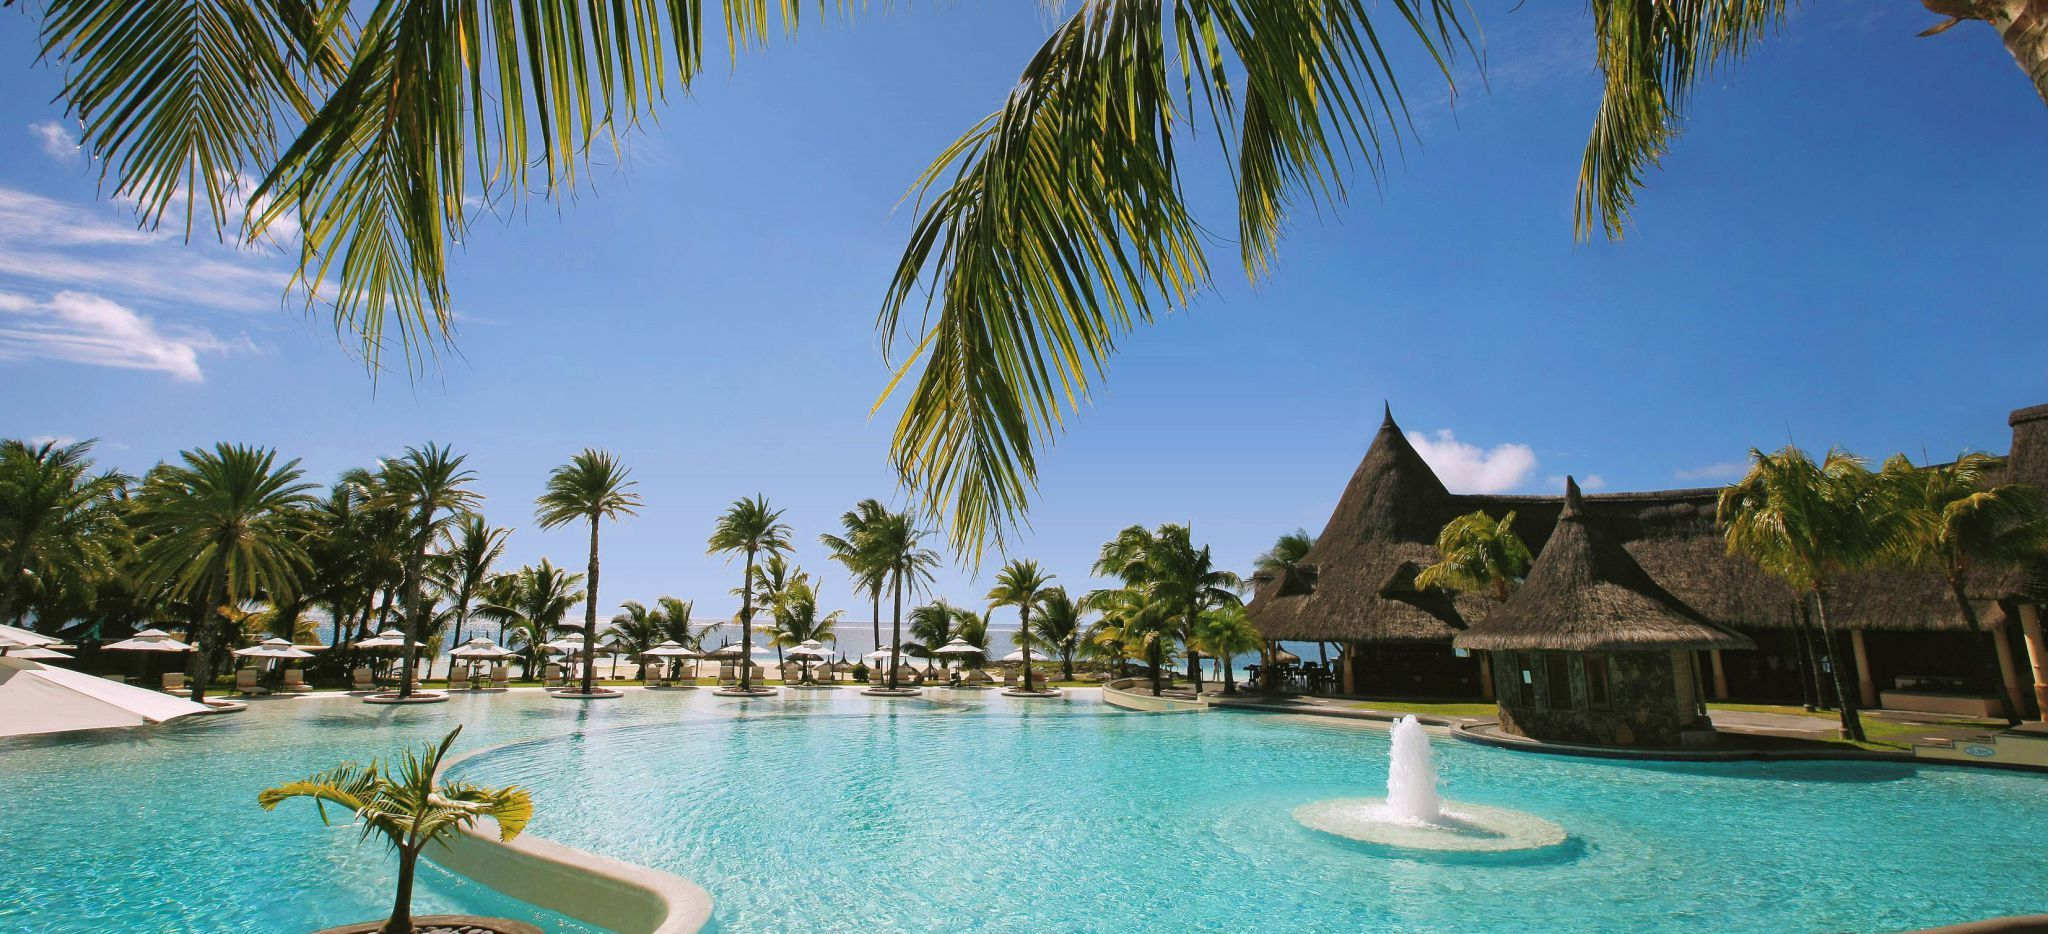 Ein weitläufiger Hotelpool, Palmenumsäumt